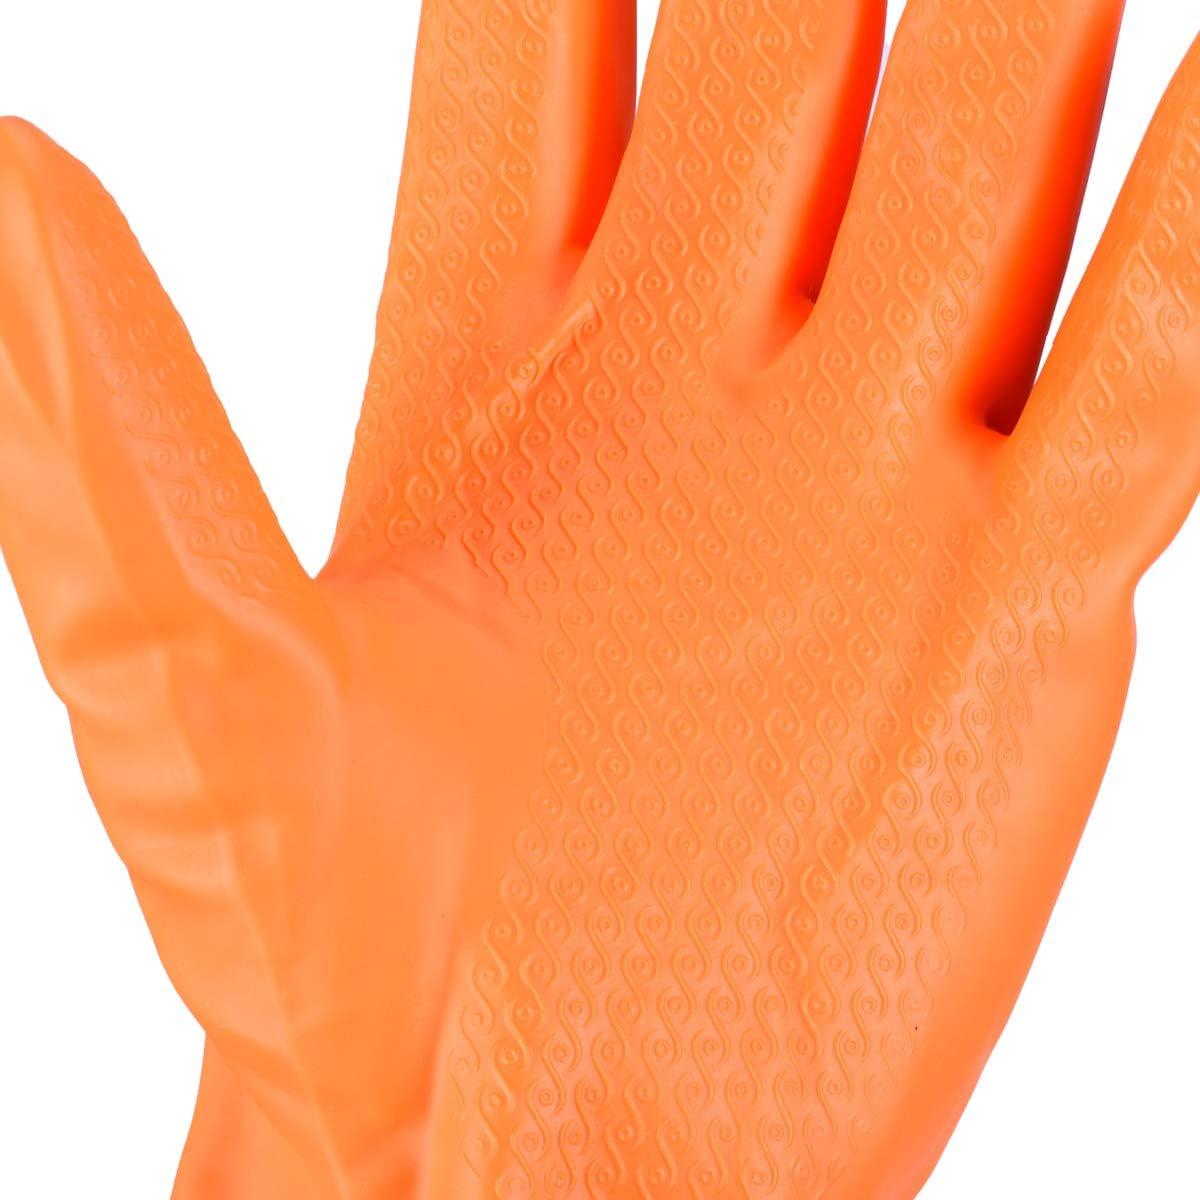 Gants de Nettoyage de M/énage R/éutilisables Ulife Mall Gants de Lavage de Vaisselle avec Doublure Gants imperm/éables Nettoyage Latex en Caoutchouc Gants pour Femme M, Orange